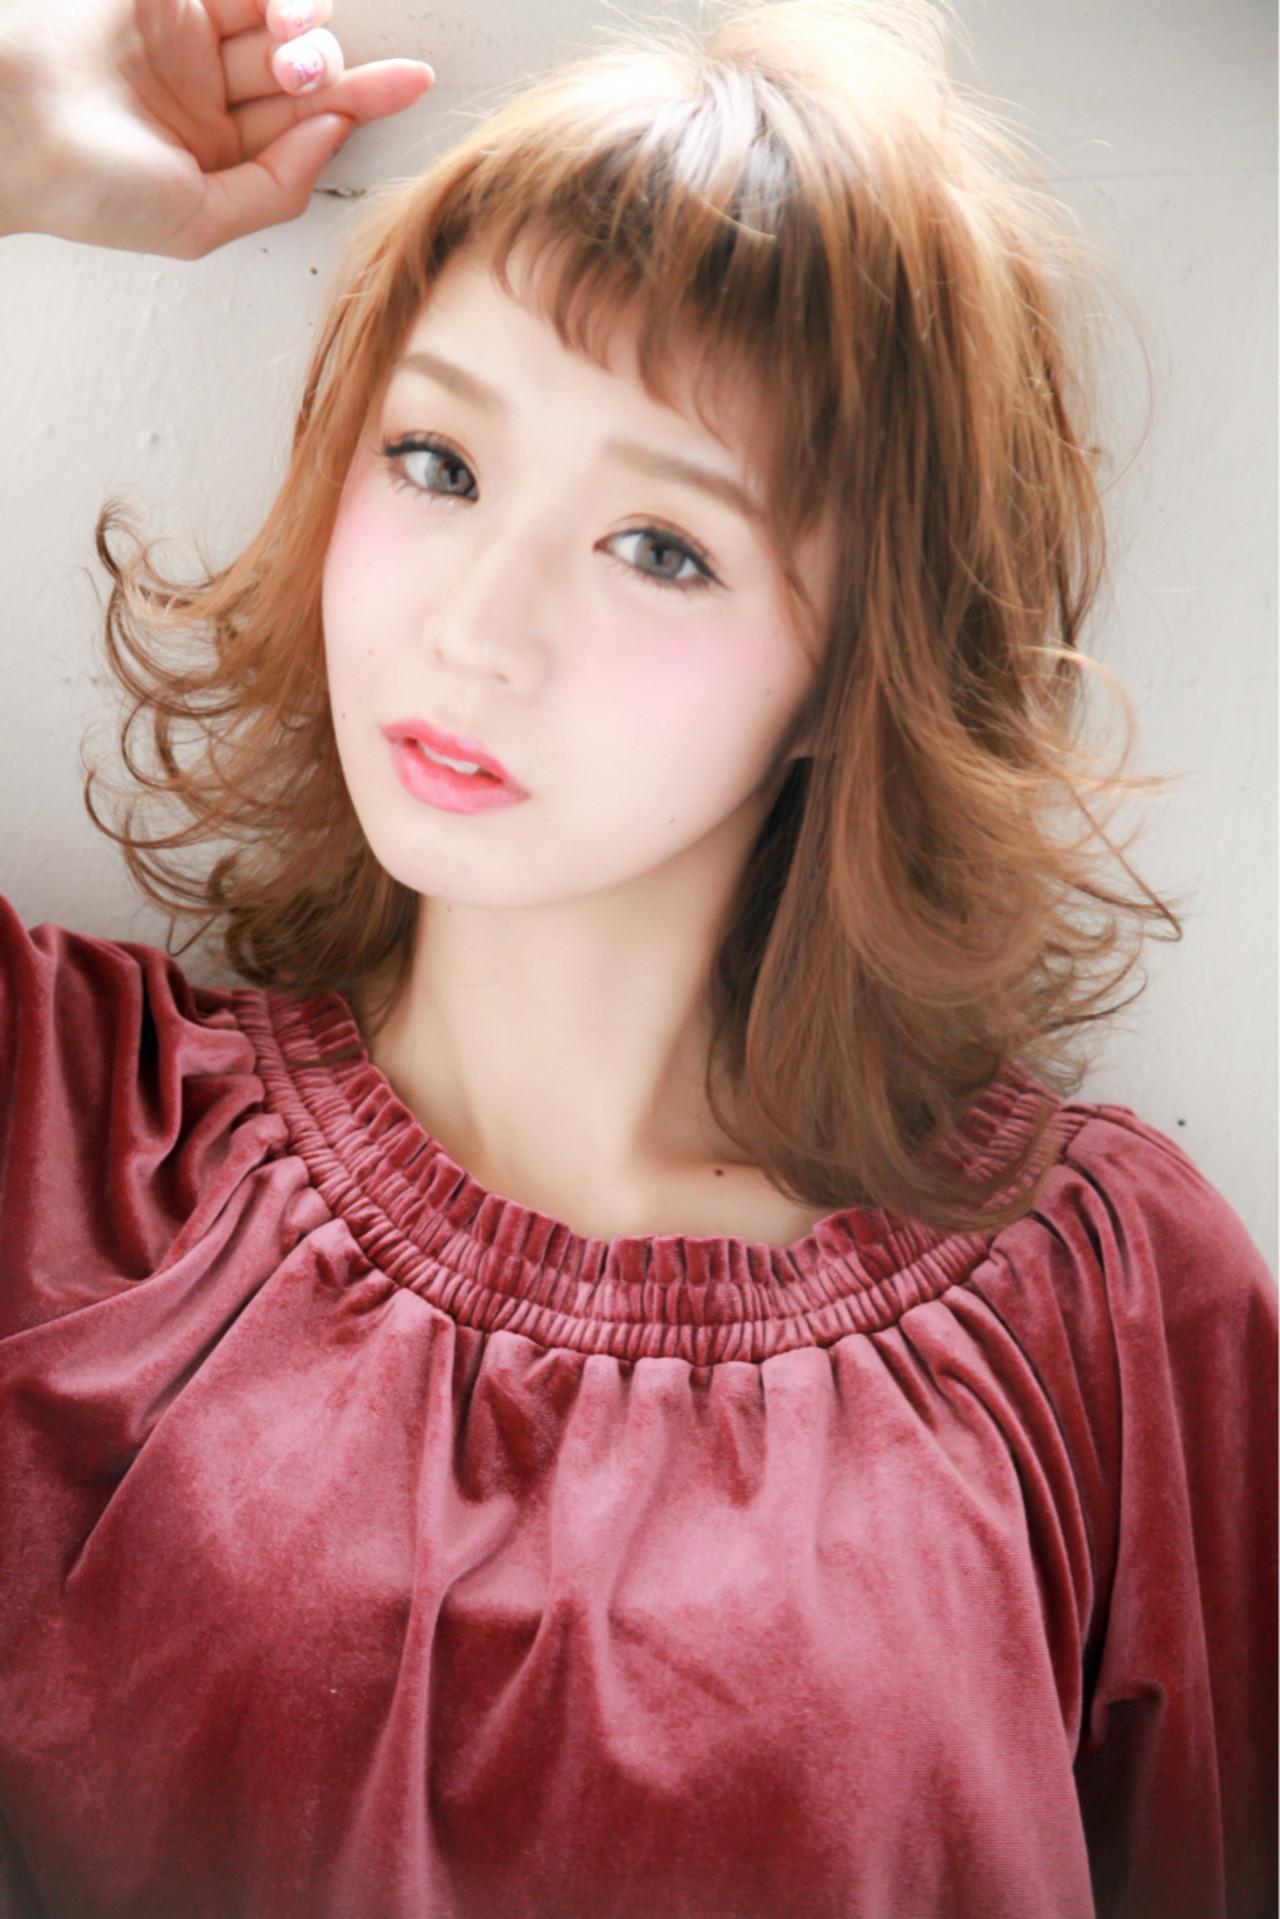 ボブ ミディアム ナチュラル 大人女子 ヘアスタイルや髪型の写真・画像 | 佐藤 章太 / Heartim代官山